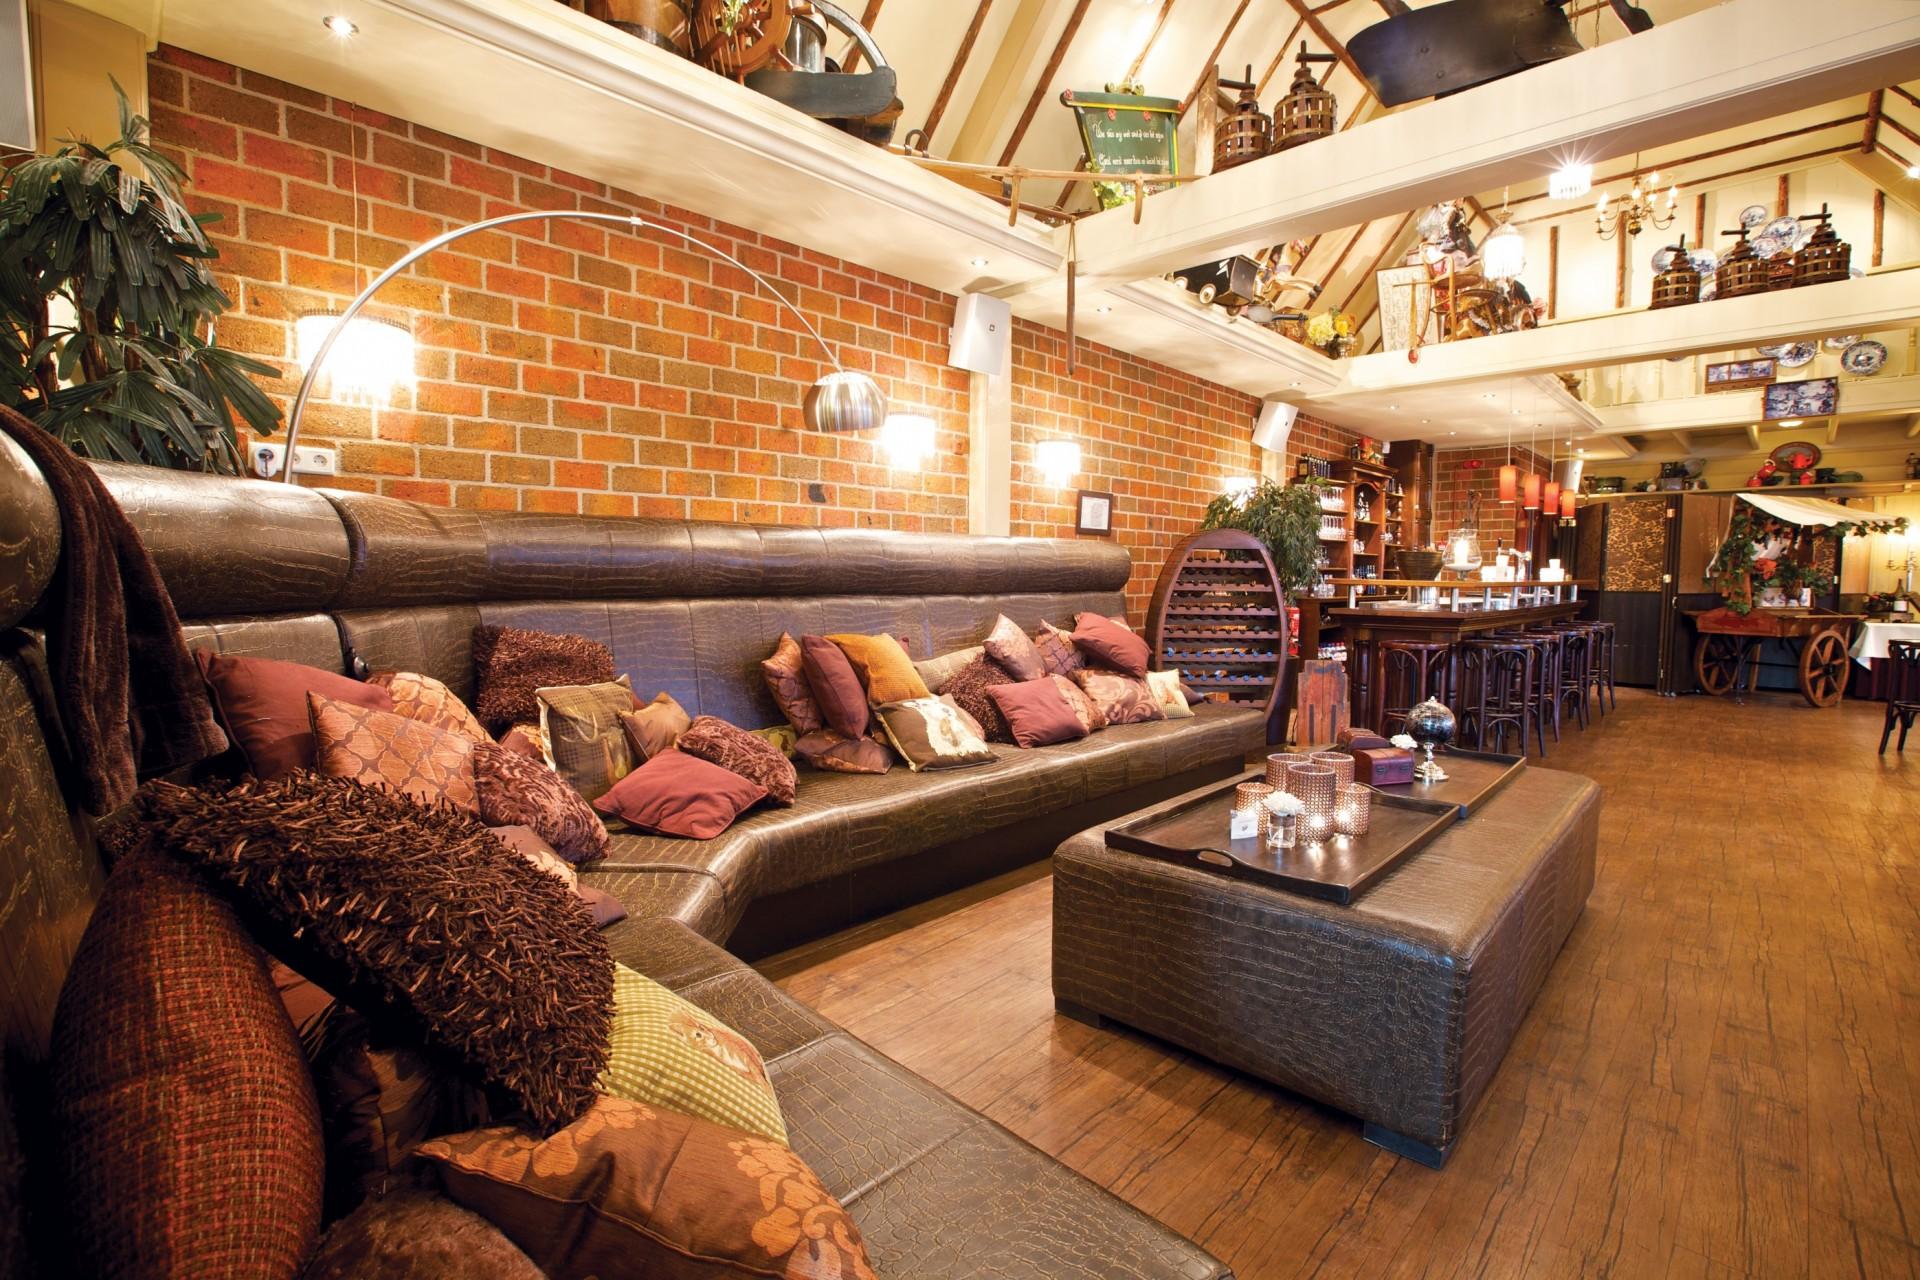 Nadorst-restaurant-uitspanning-faciliteiten-zalen-de-deel-2